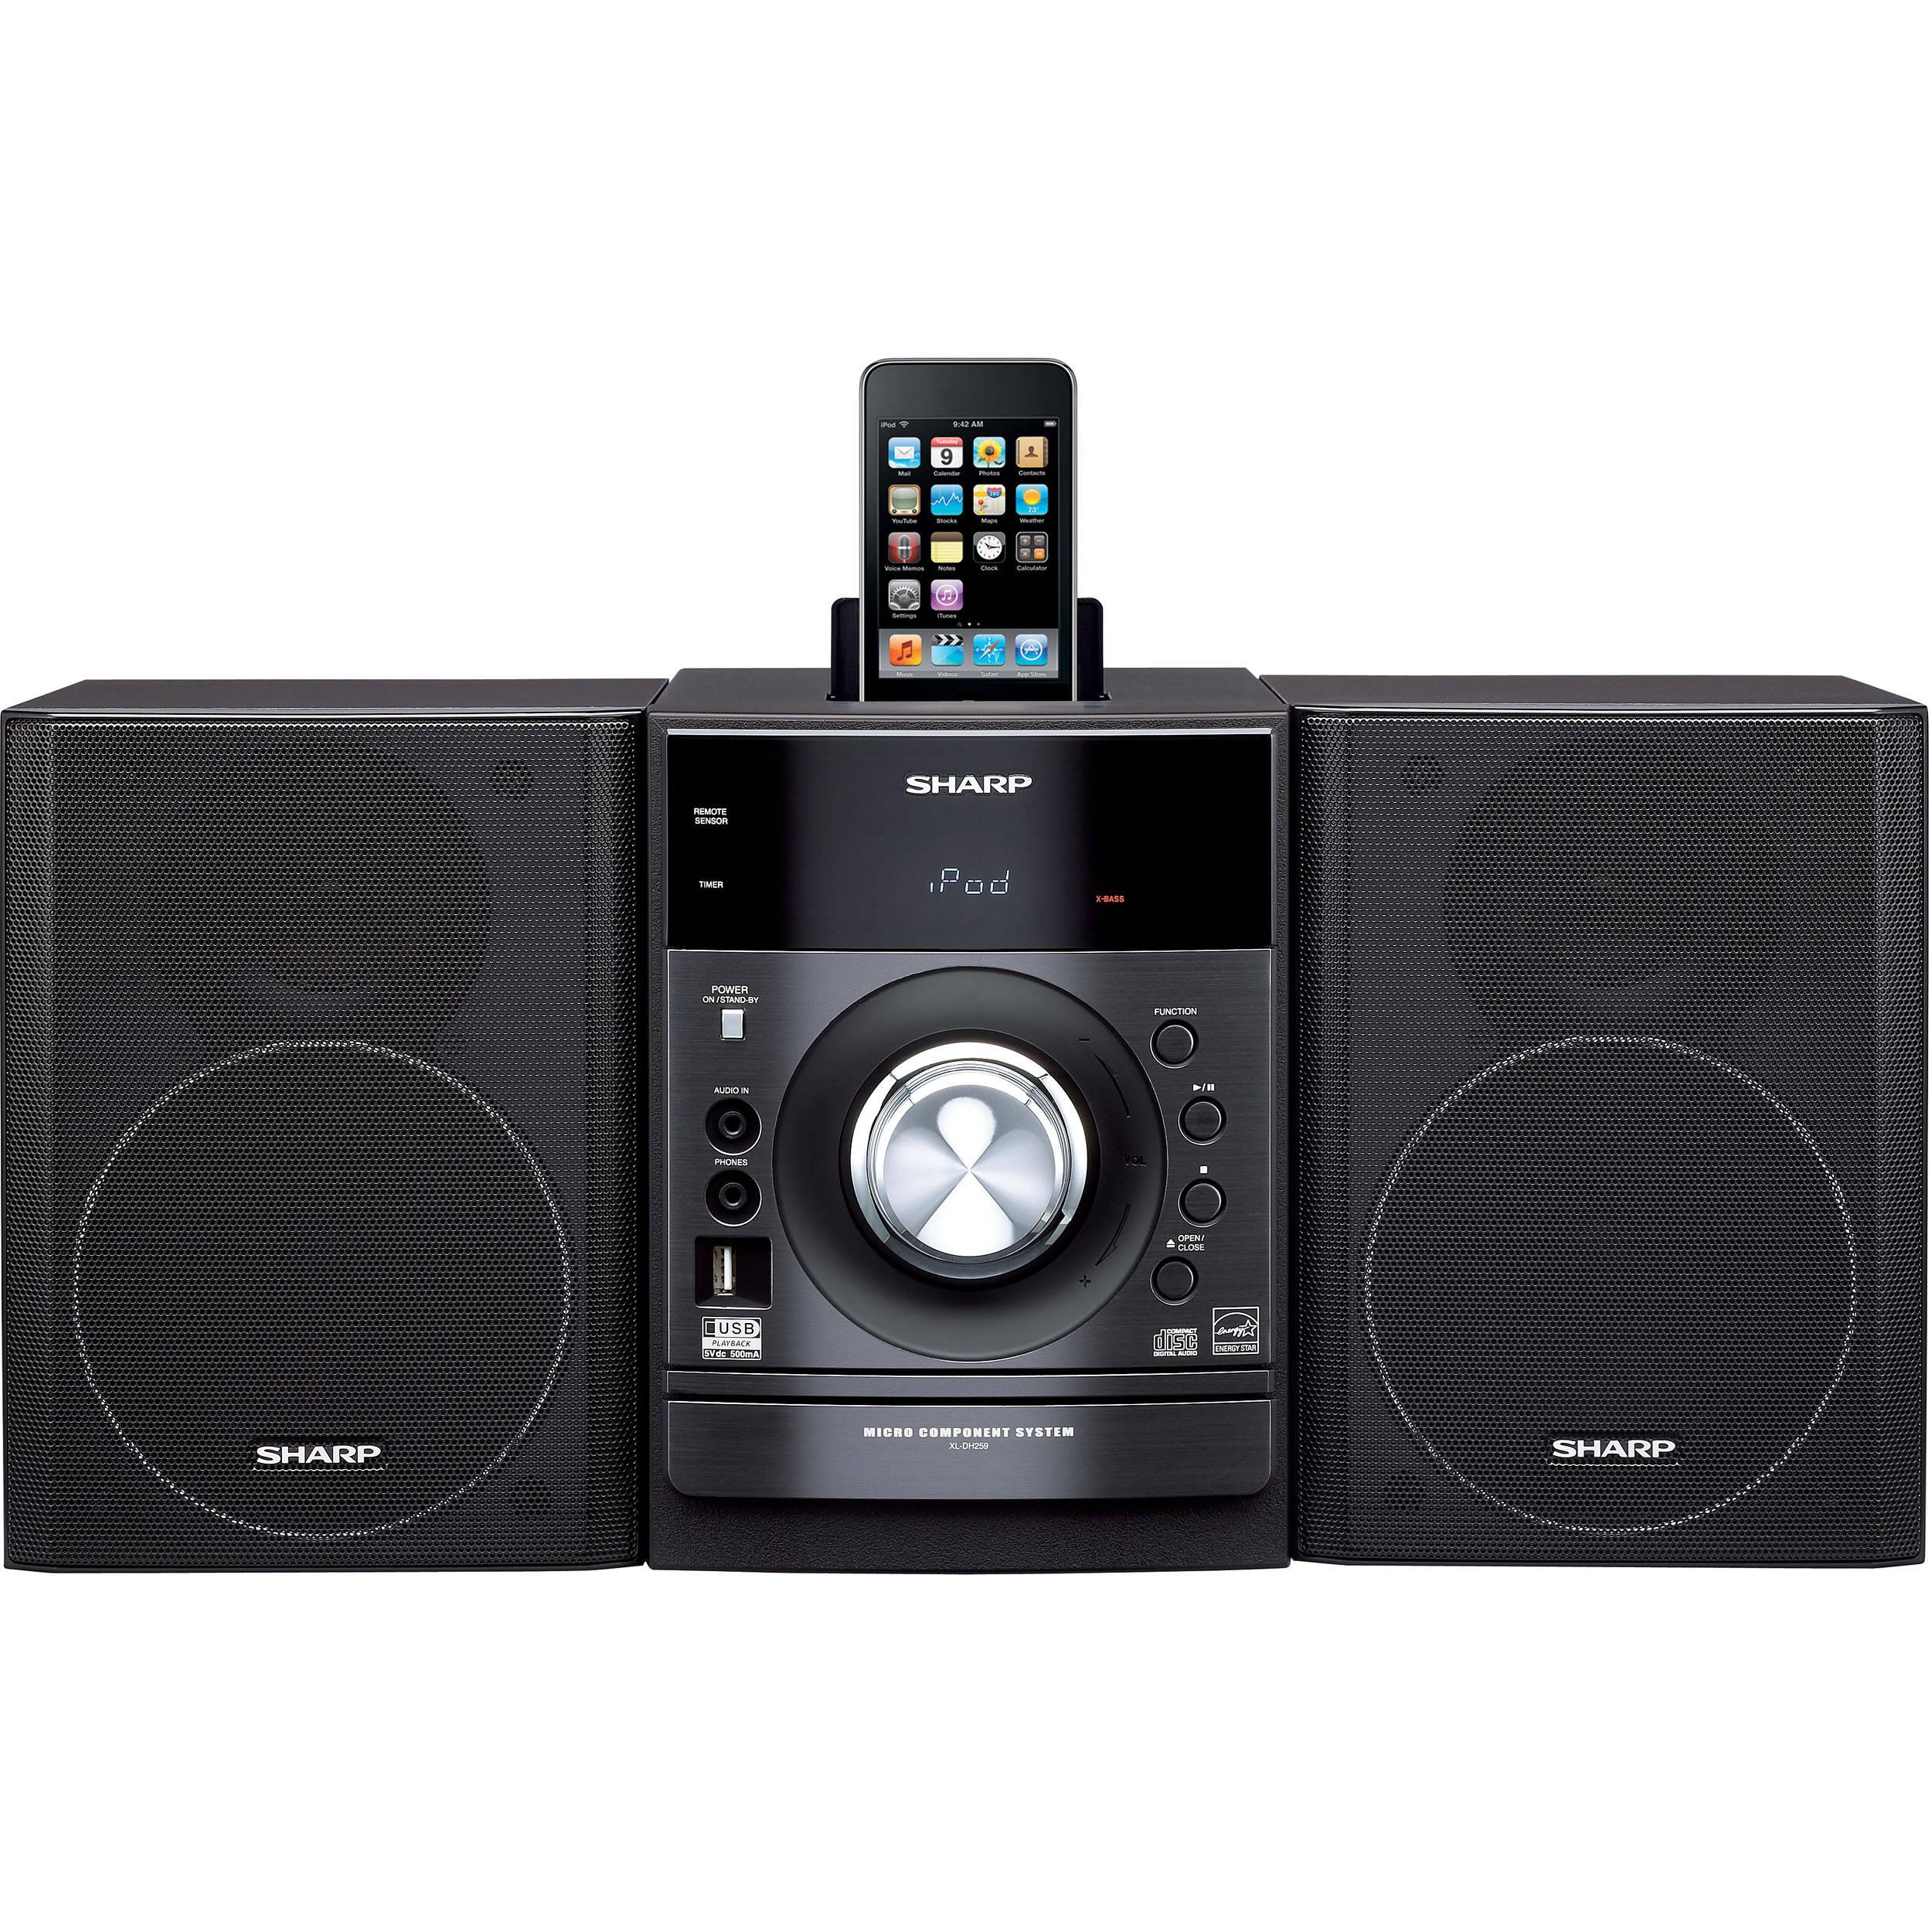 sharp xl dh259p audio system xl dh259p b h photo video rh bhphotovideo com KB Sharp 6525P5 sharp xl-dh259 manual